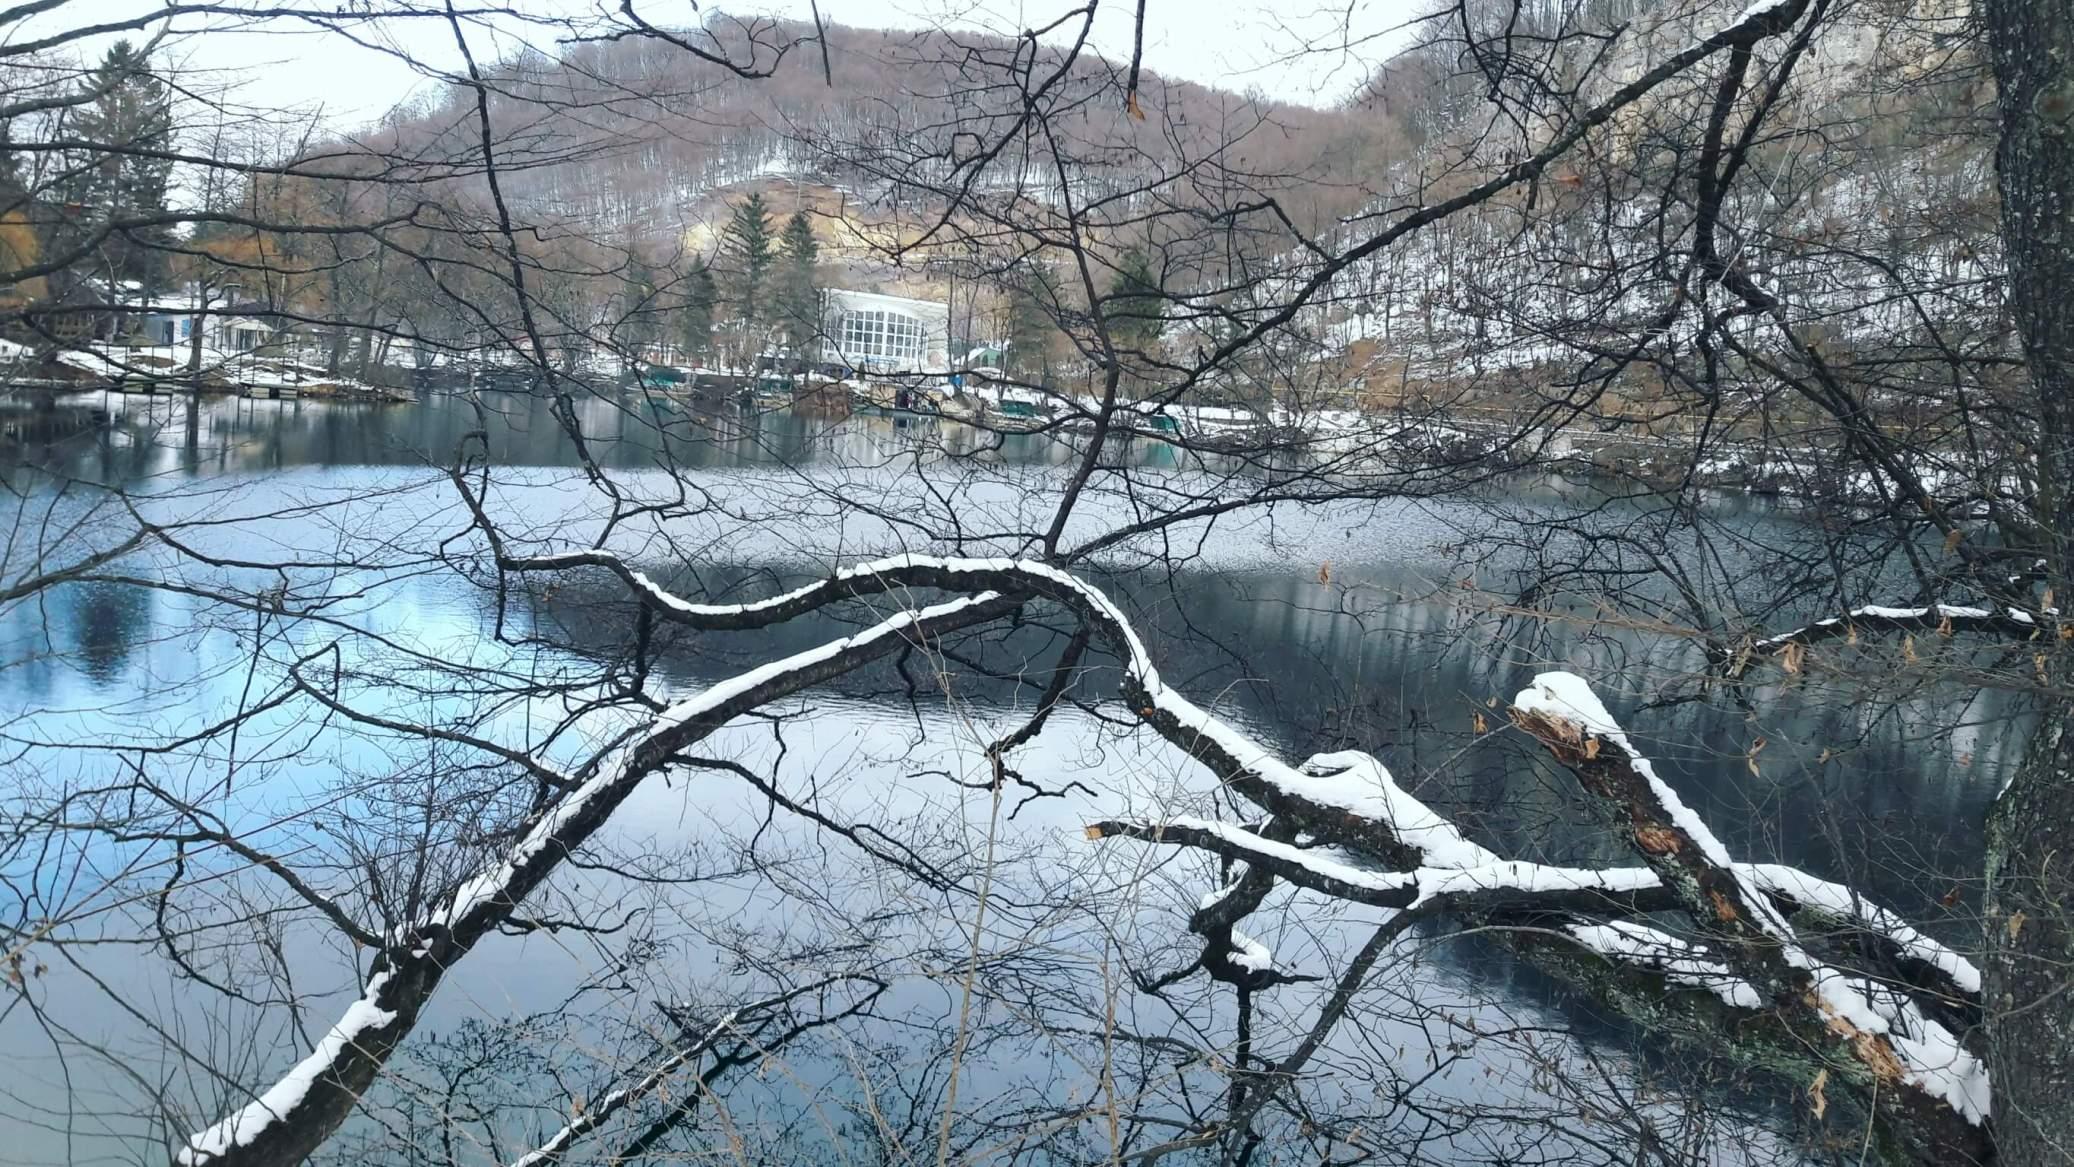 2017.03.04_kabardino_balkaria_22